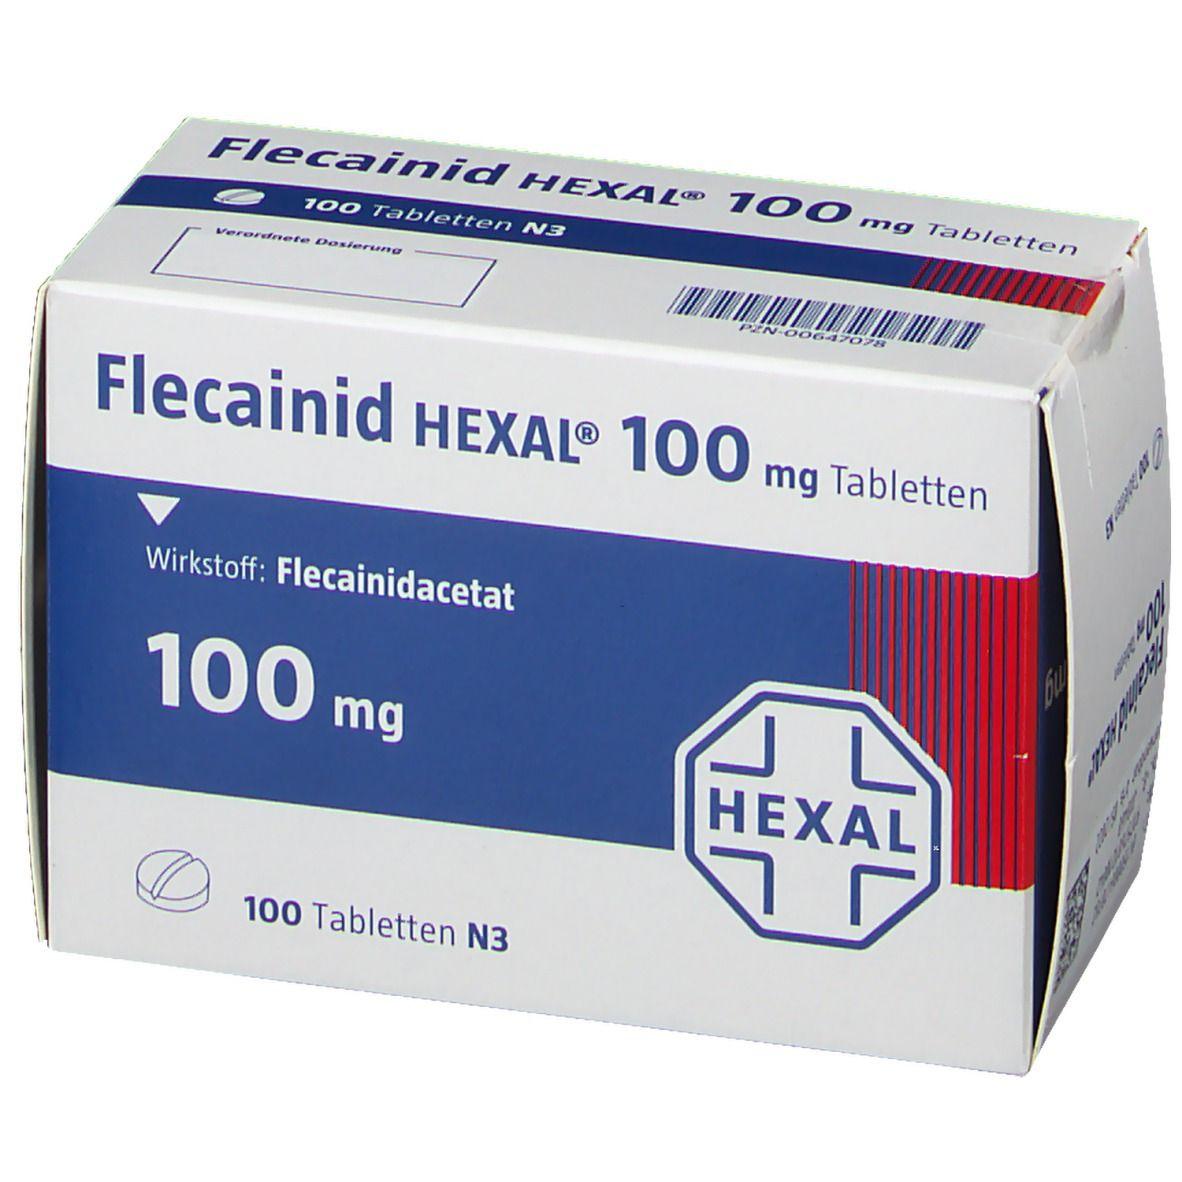 Flecainid Hexal 100 mg Tabletten